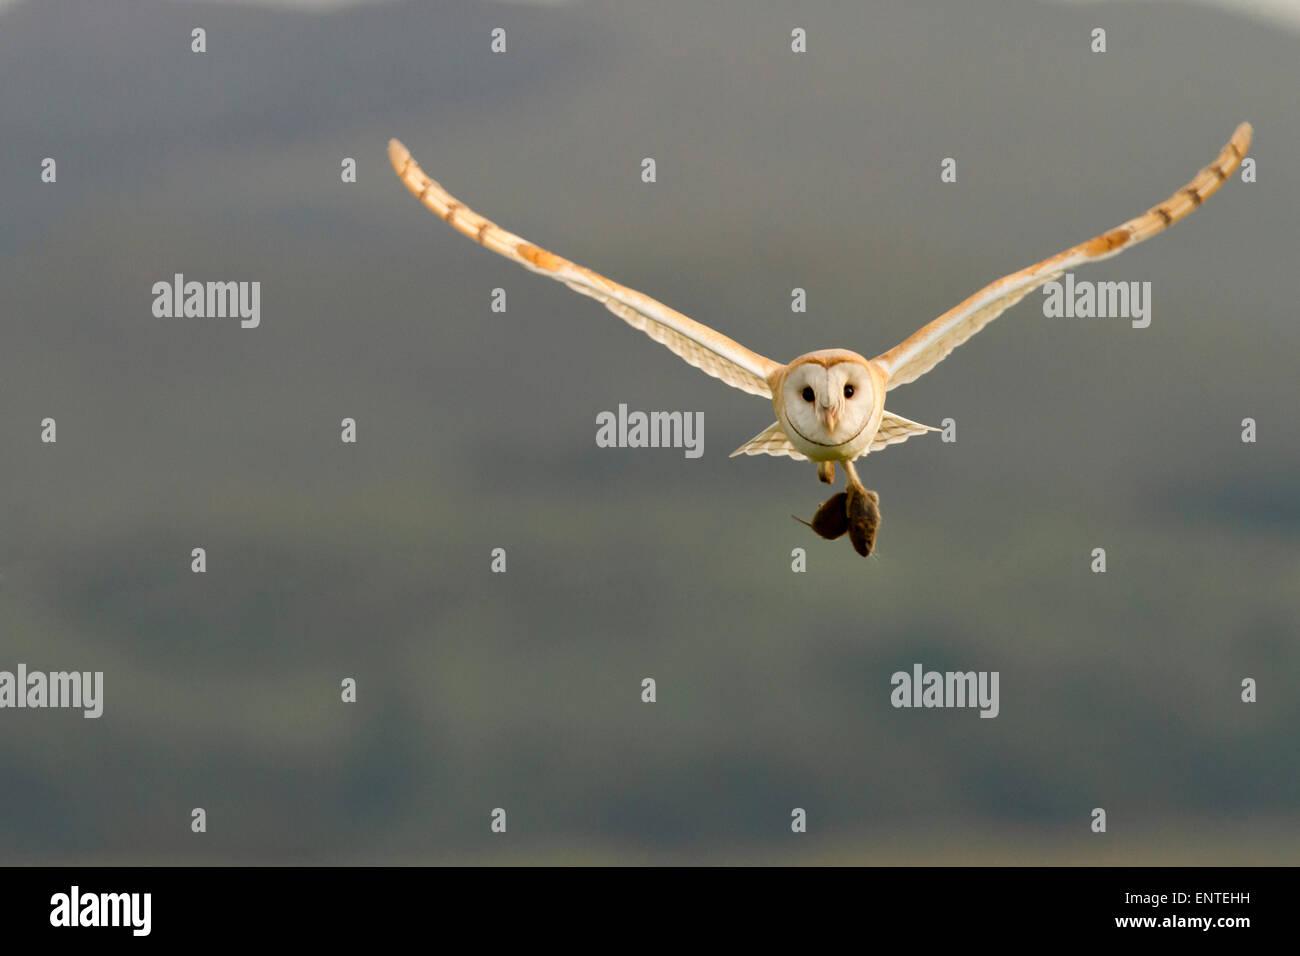 Lechuza de Campanario (Tyto alba) en vuelo llevando su presa, Dumfries y Galloway, Escocia, Reino Unido Imagen De Stock